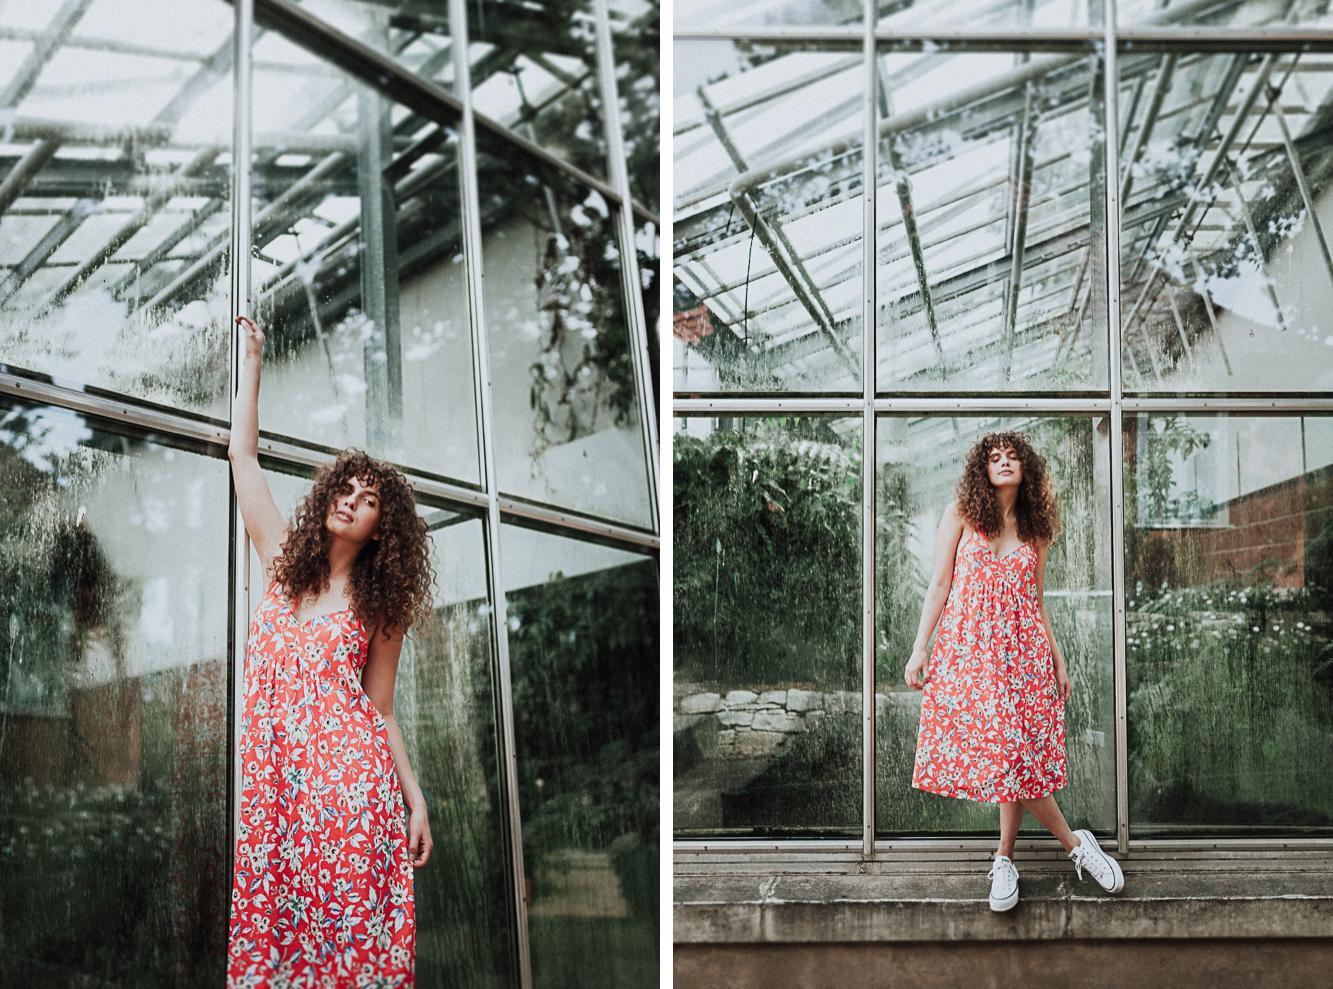 simone-fuerst-photography-portrait-botanik-braunschweig-berlin-hamburg